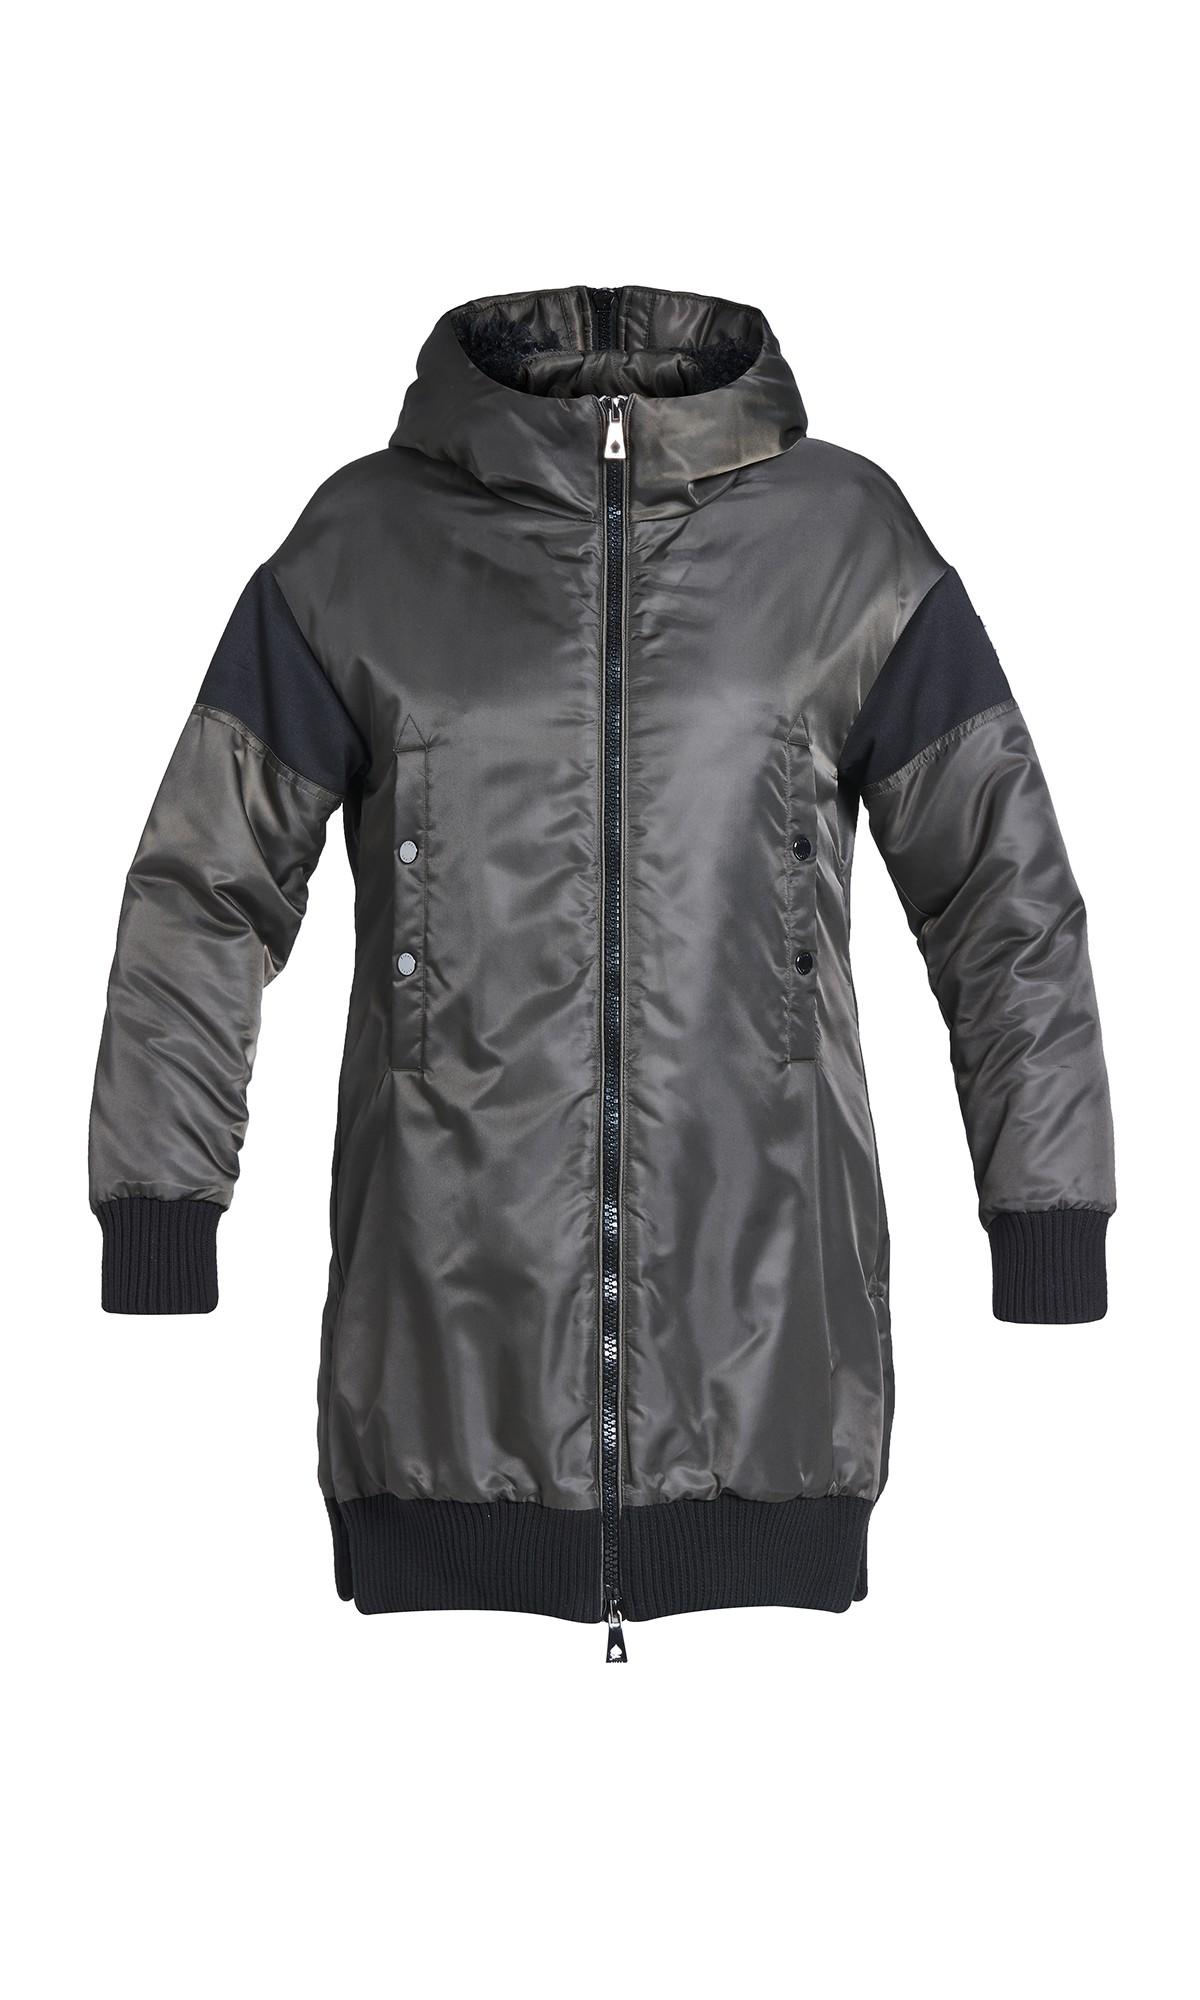 Kurtka zimowa Tiffi w kolorze khaki z kapturem